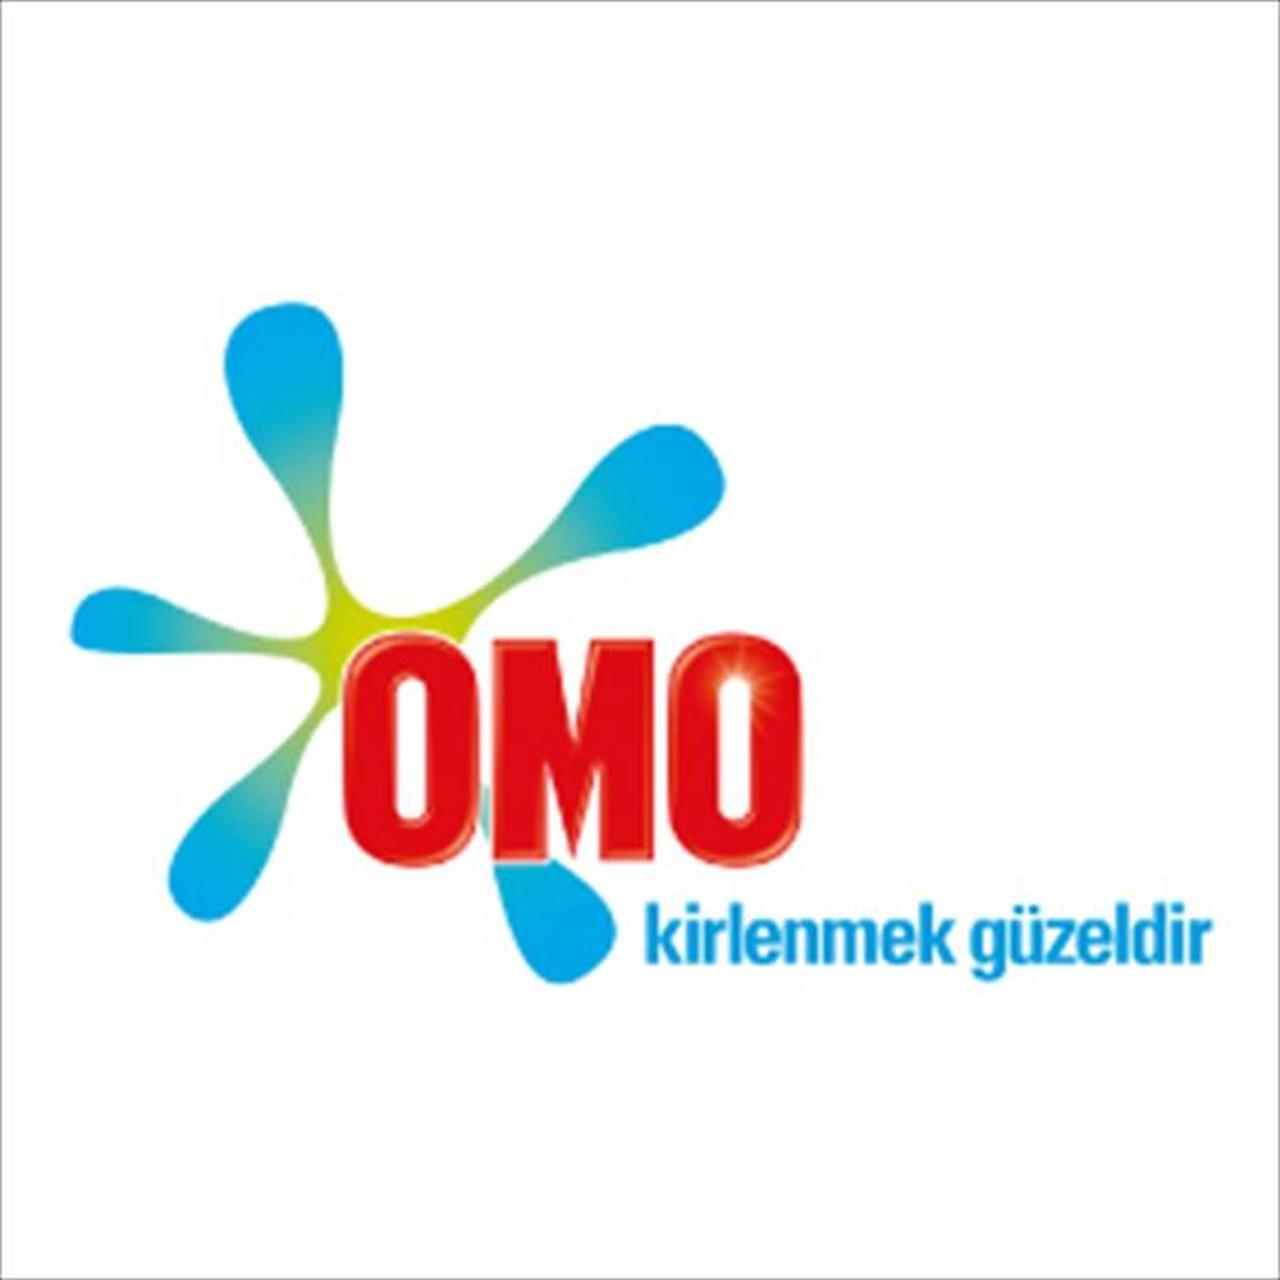 omo logosu ve sloganı